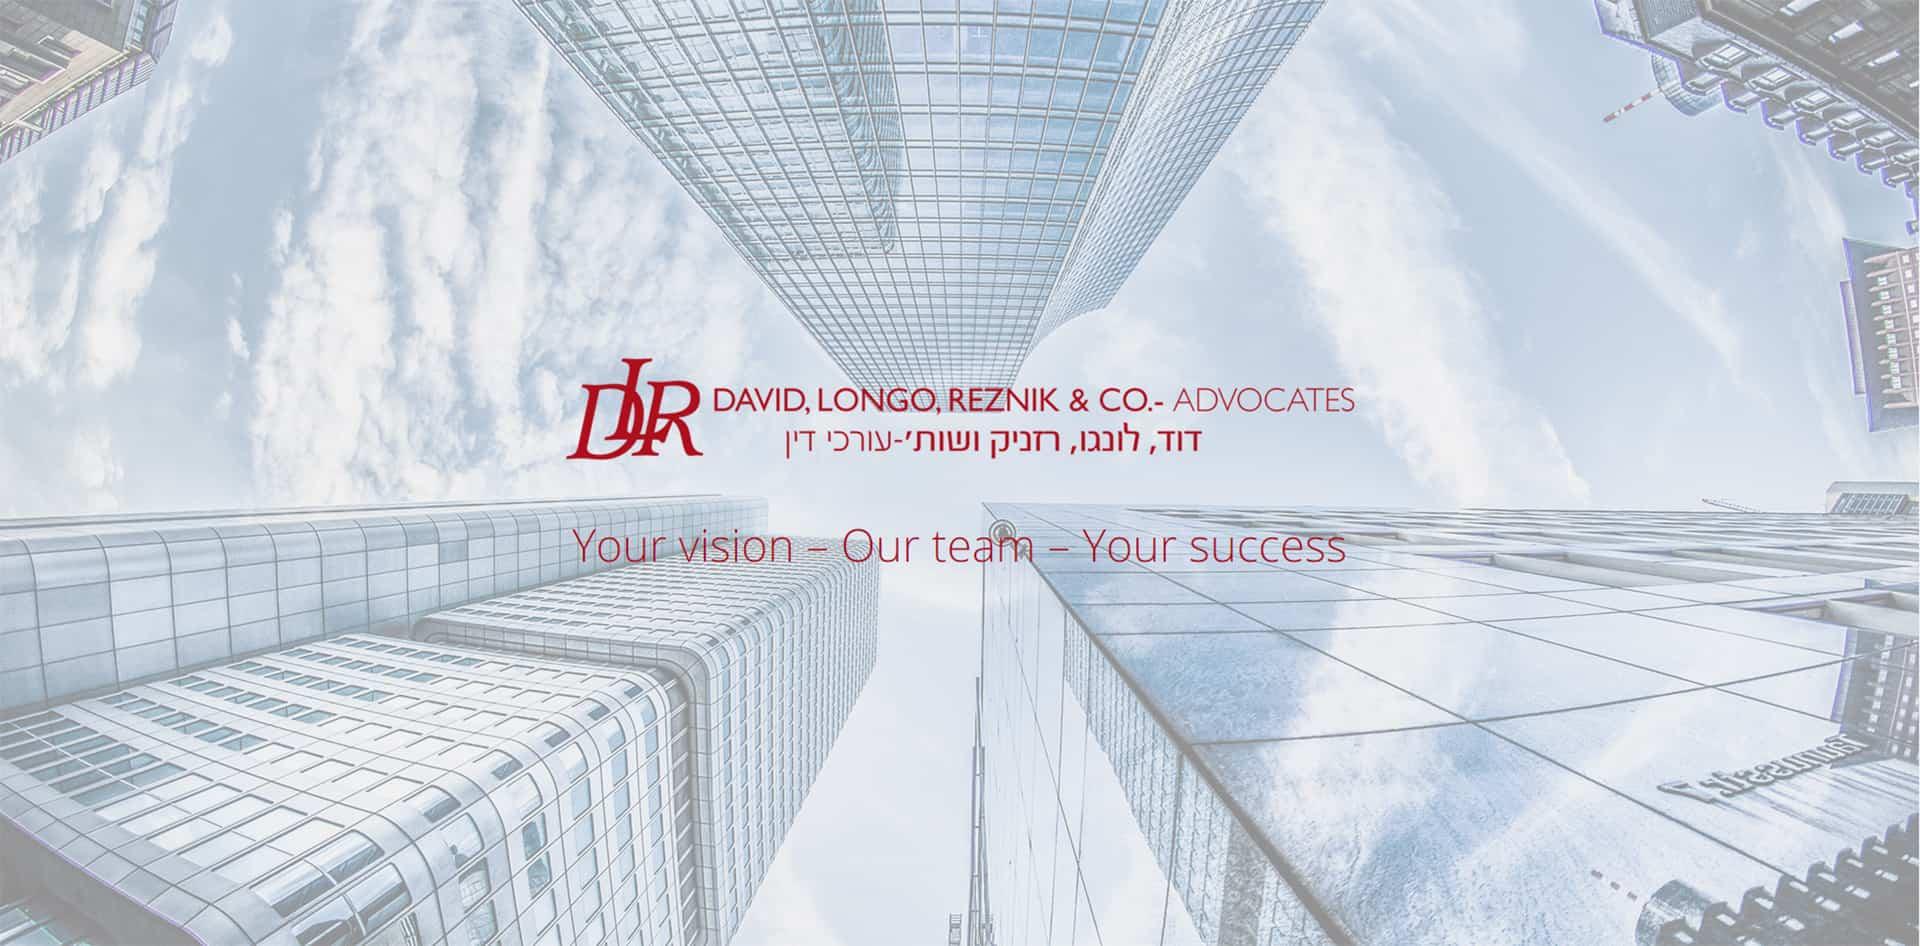 משרדנו DLR נכנס לדירוג היוקרתי של משרדי עורכי דין של BdiCode 2020